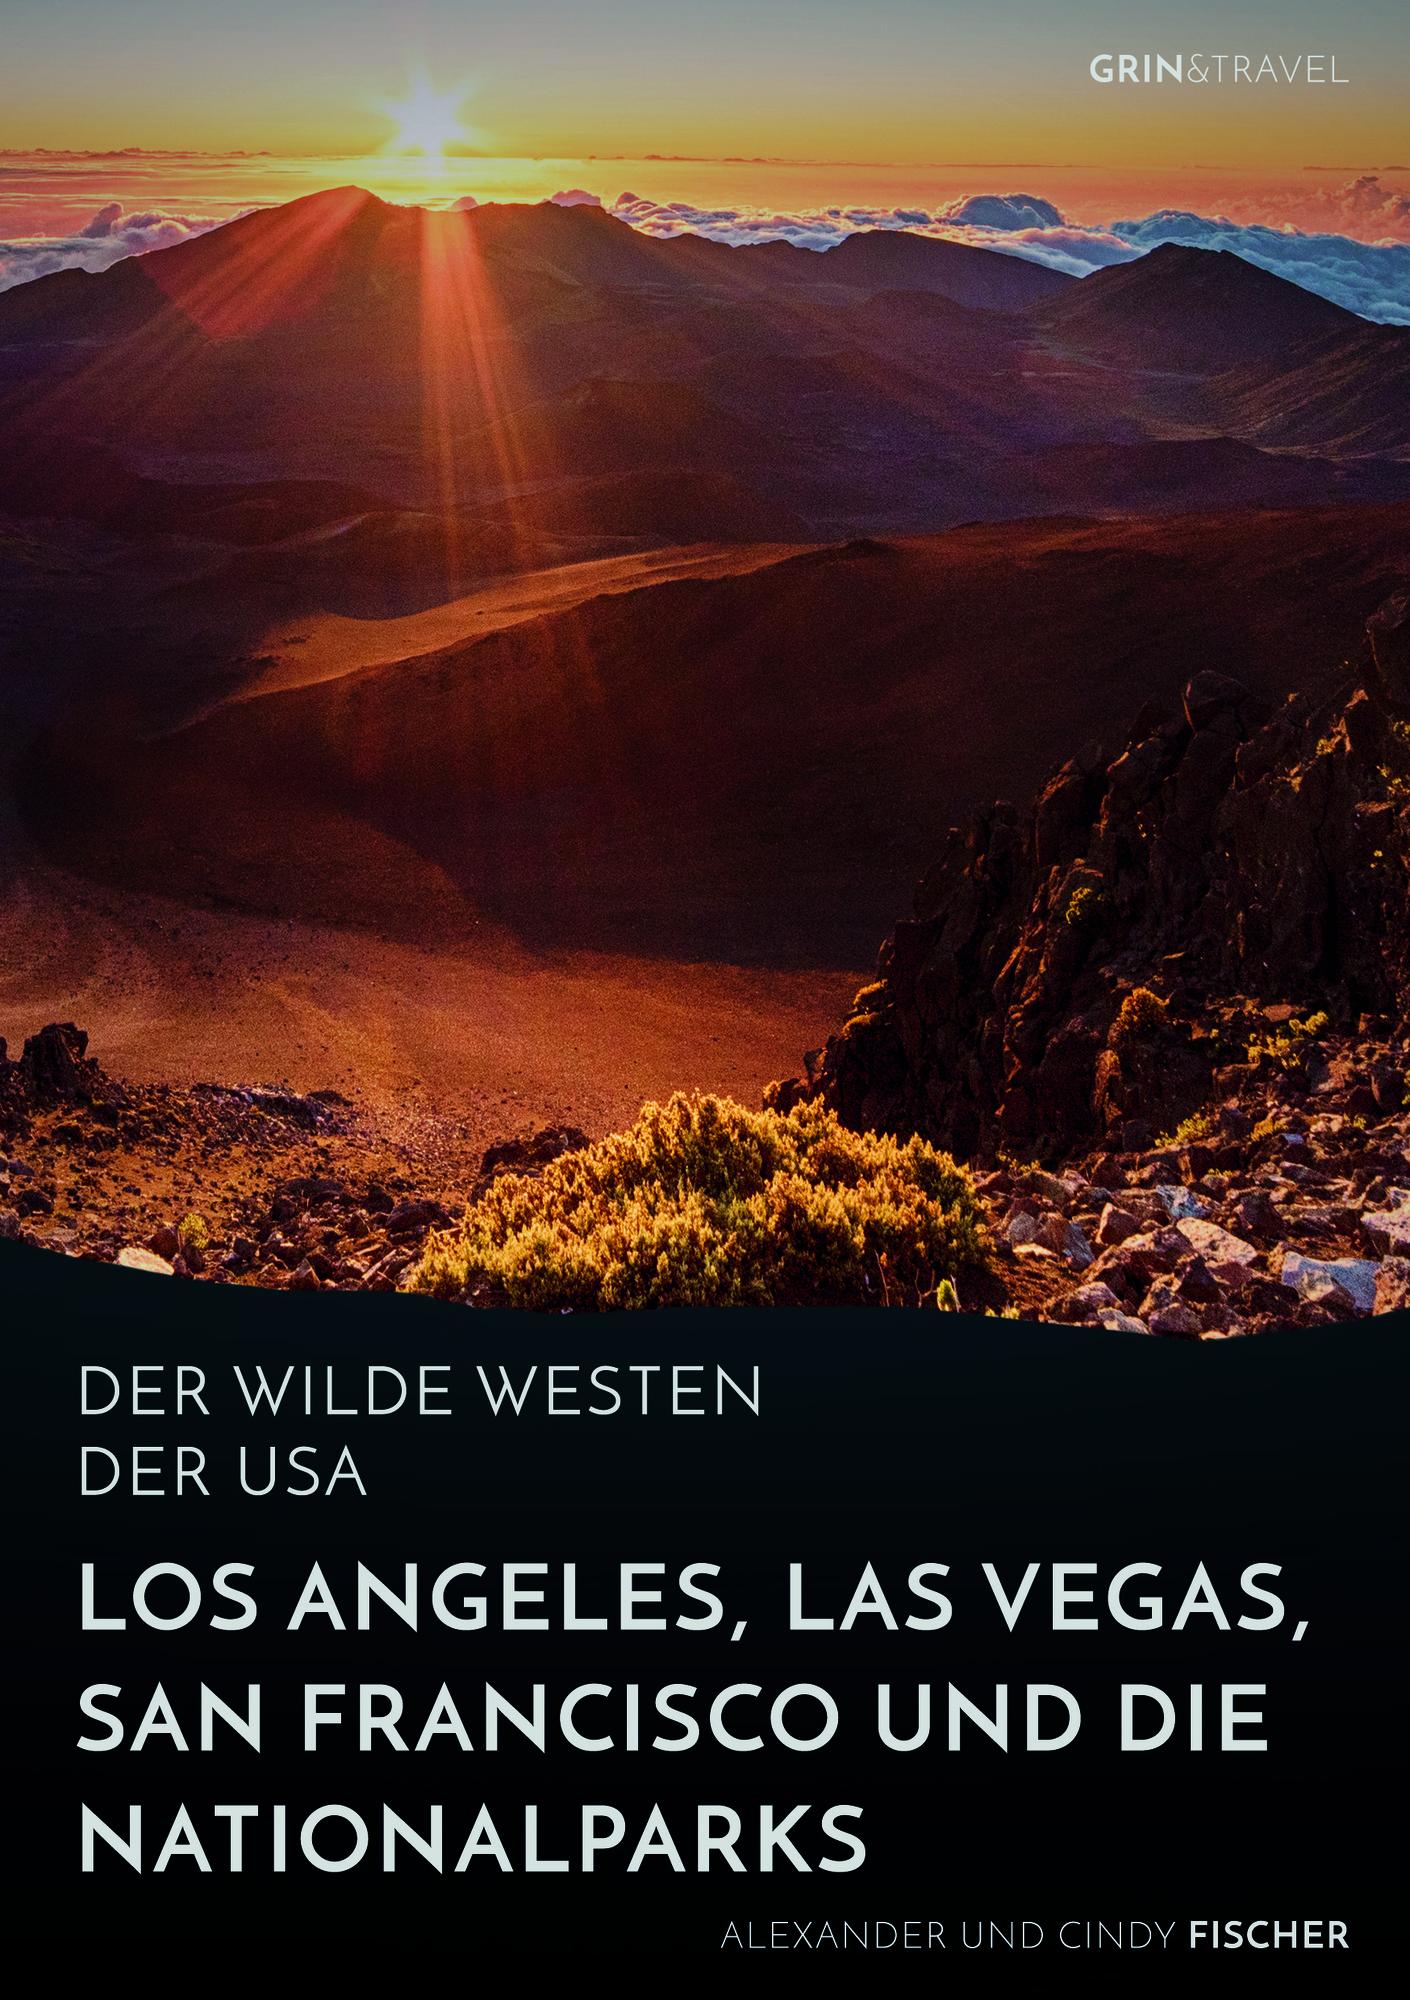 Titel: Der wilde Westen der USA. Los Angeles, Las Vegas, San Francisco und die Nationalparks